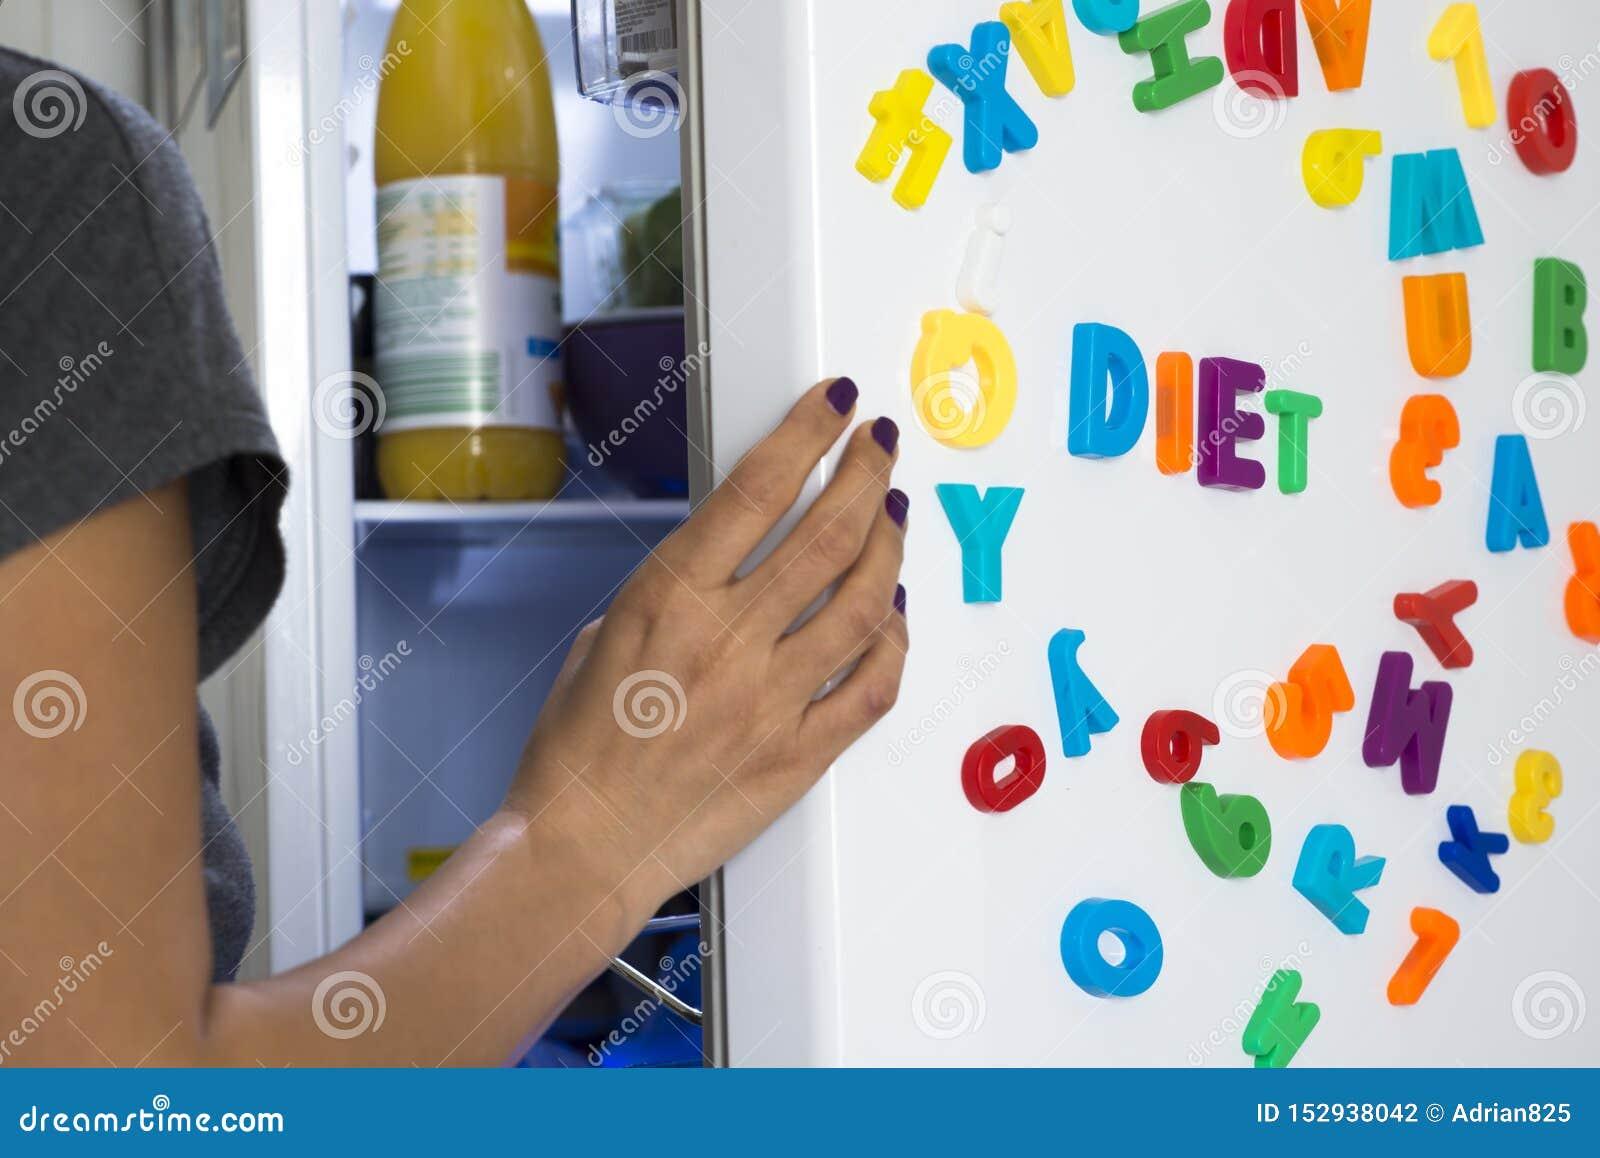 Mensaje de la dieta de letras coloridas en el refrigerador blanco con la mujer hambrienta que mira dentro